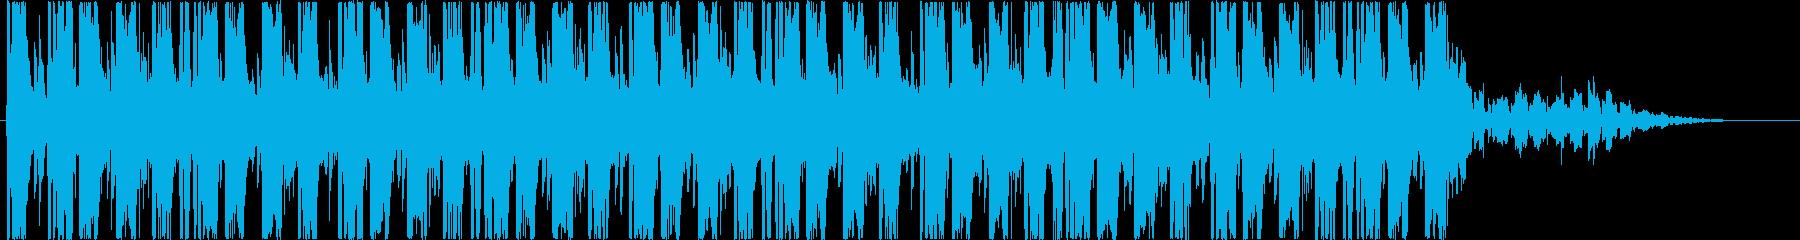 ファンク。 Fusionグルーヴィ...の再生済みの波形